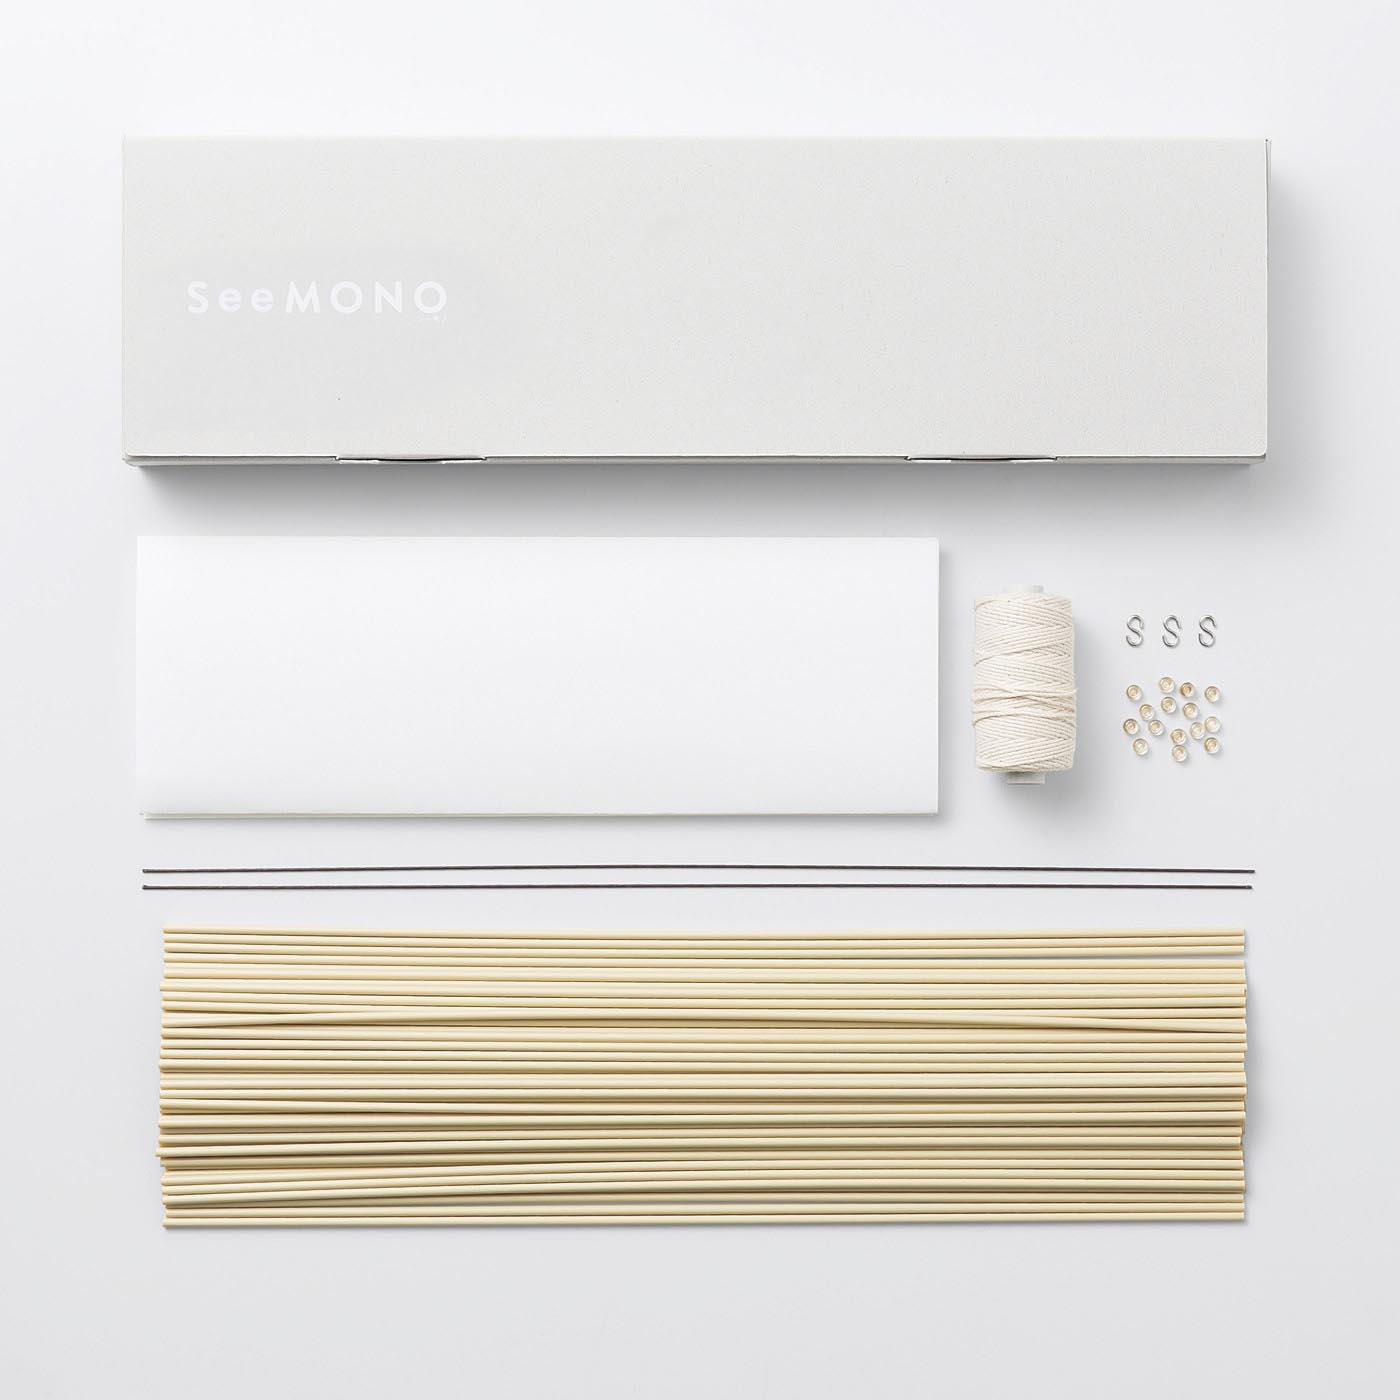 ●1回のお届けセット例です。ステキなパッケージに入れてお届けします。プレゼントにも!